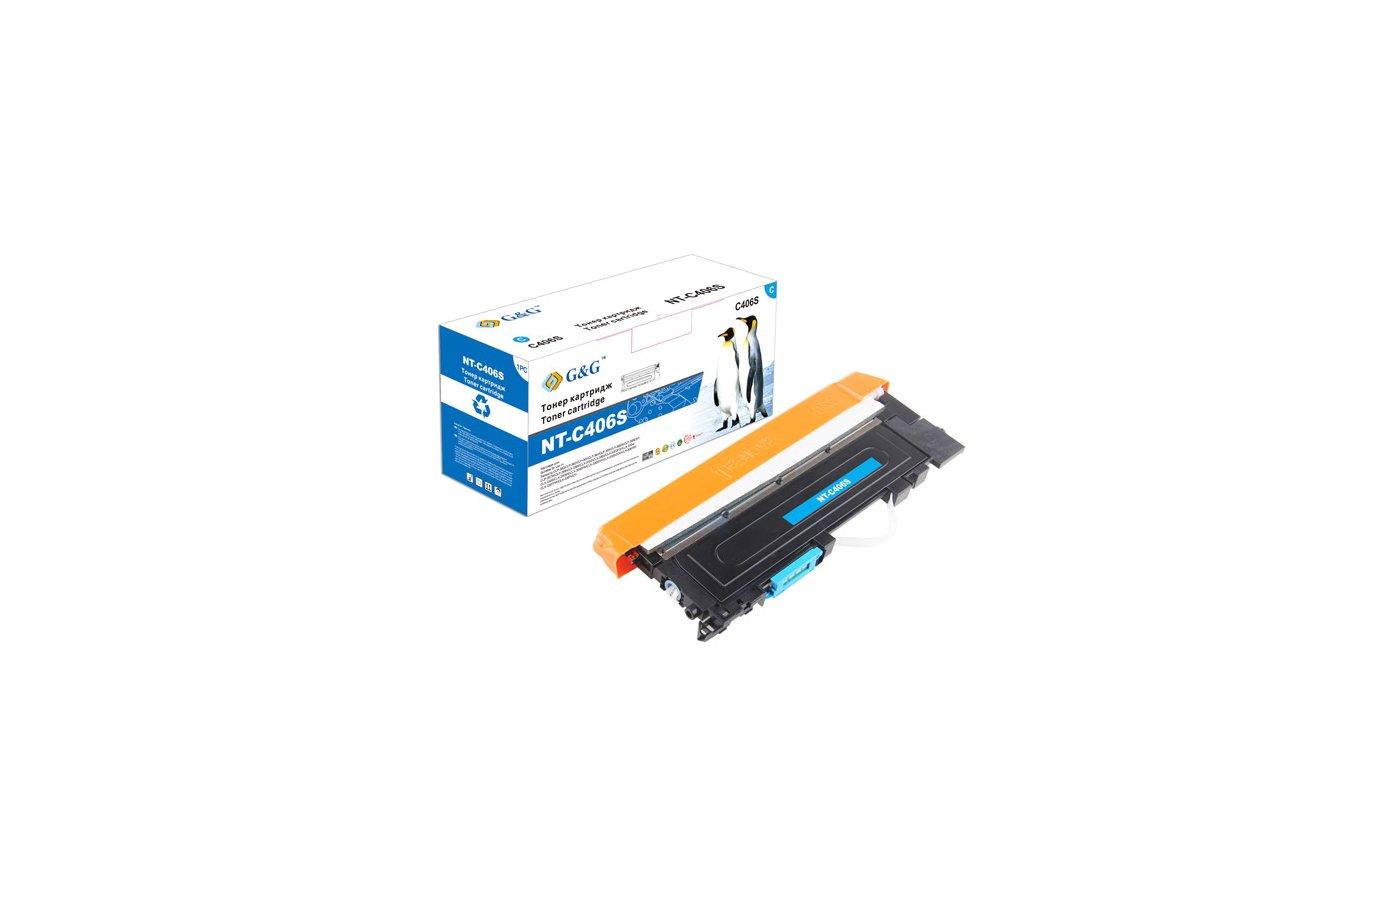 Картридж лазерный GG NT-C406S Совместимый голубой для Samsung для CLP-360/365 CLX-3300/3305 SL-C460 (1000стр)